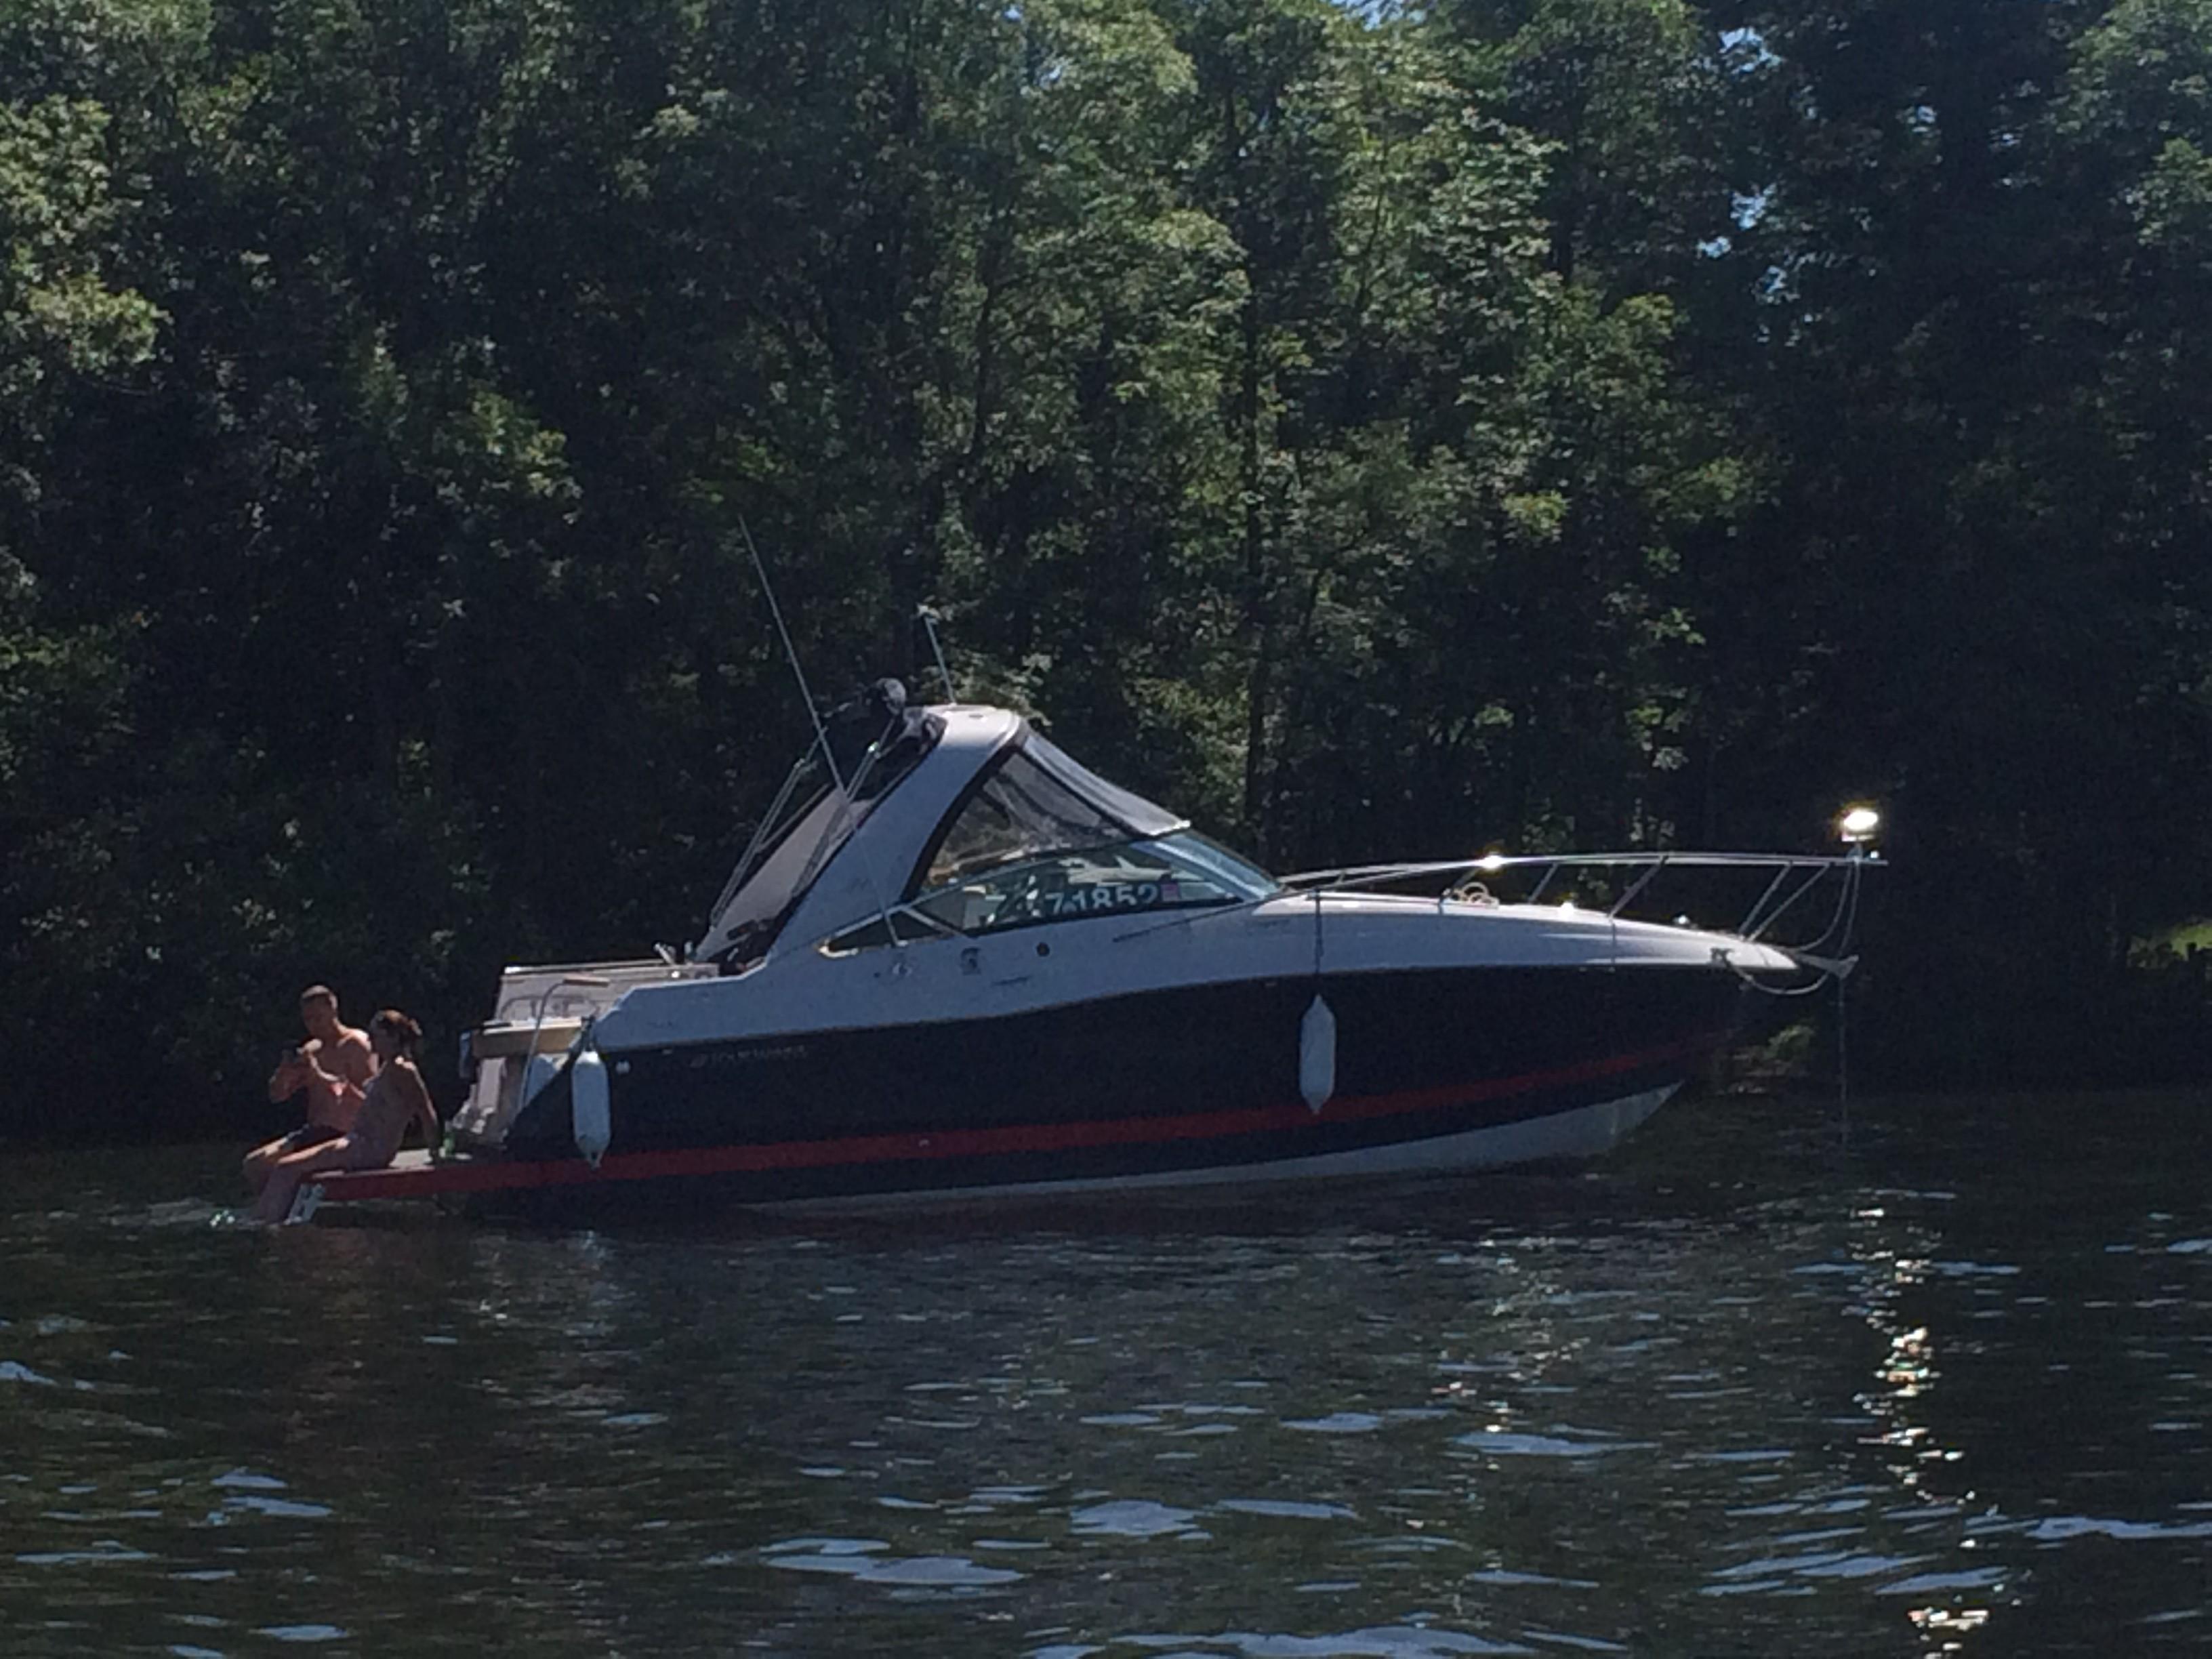 2015 Four Winns Vista 275 Power Boat For Sale Www